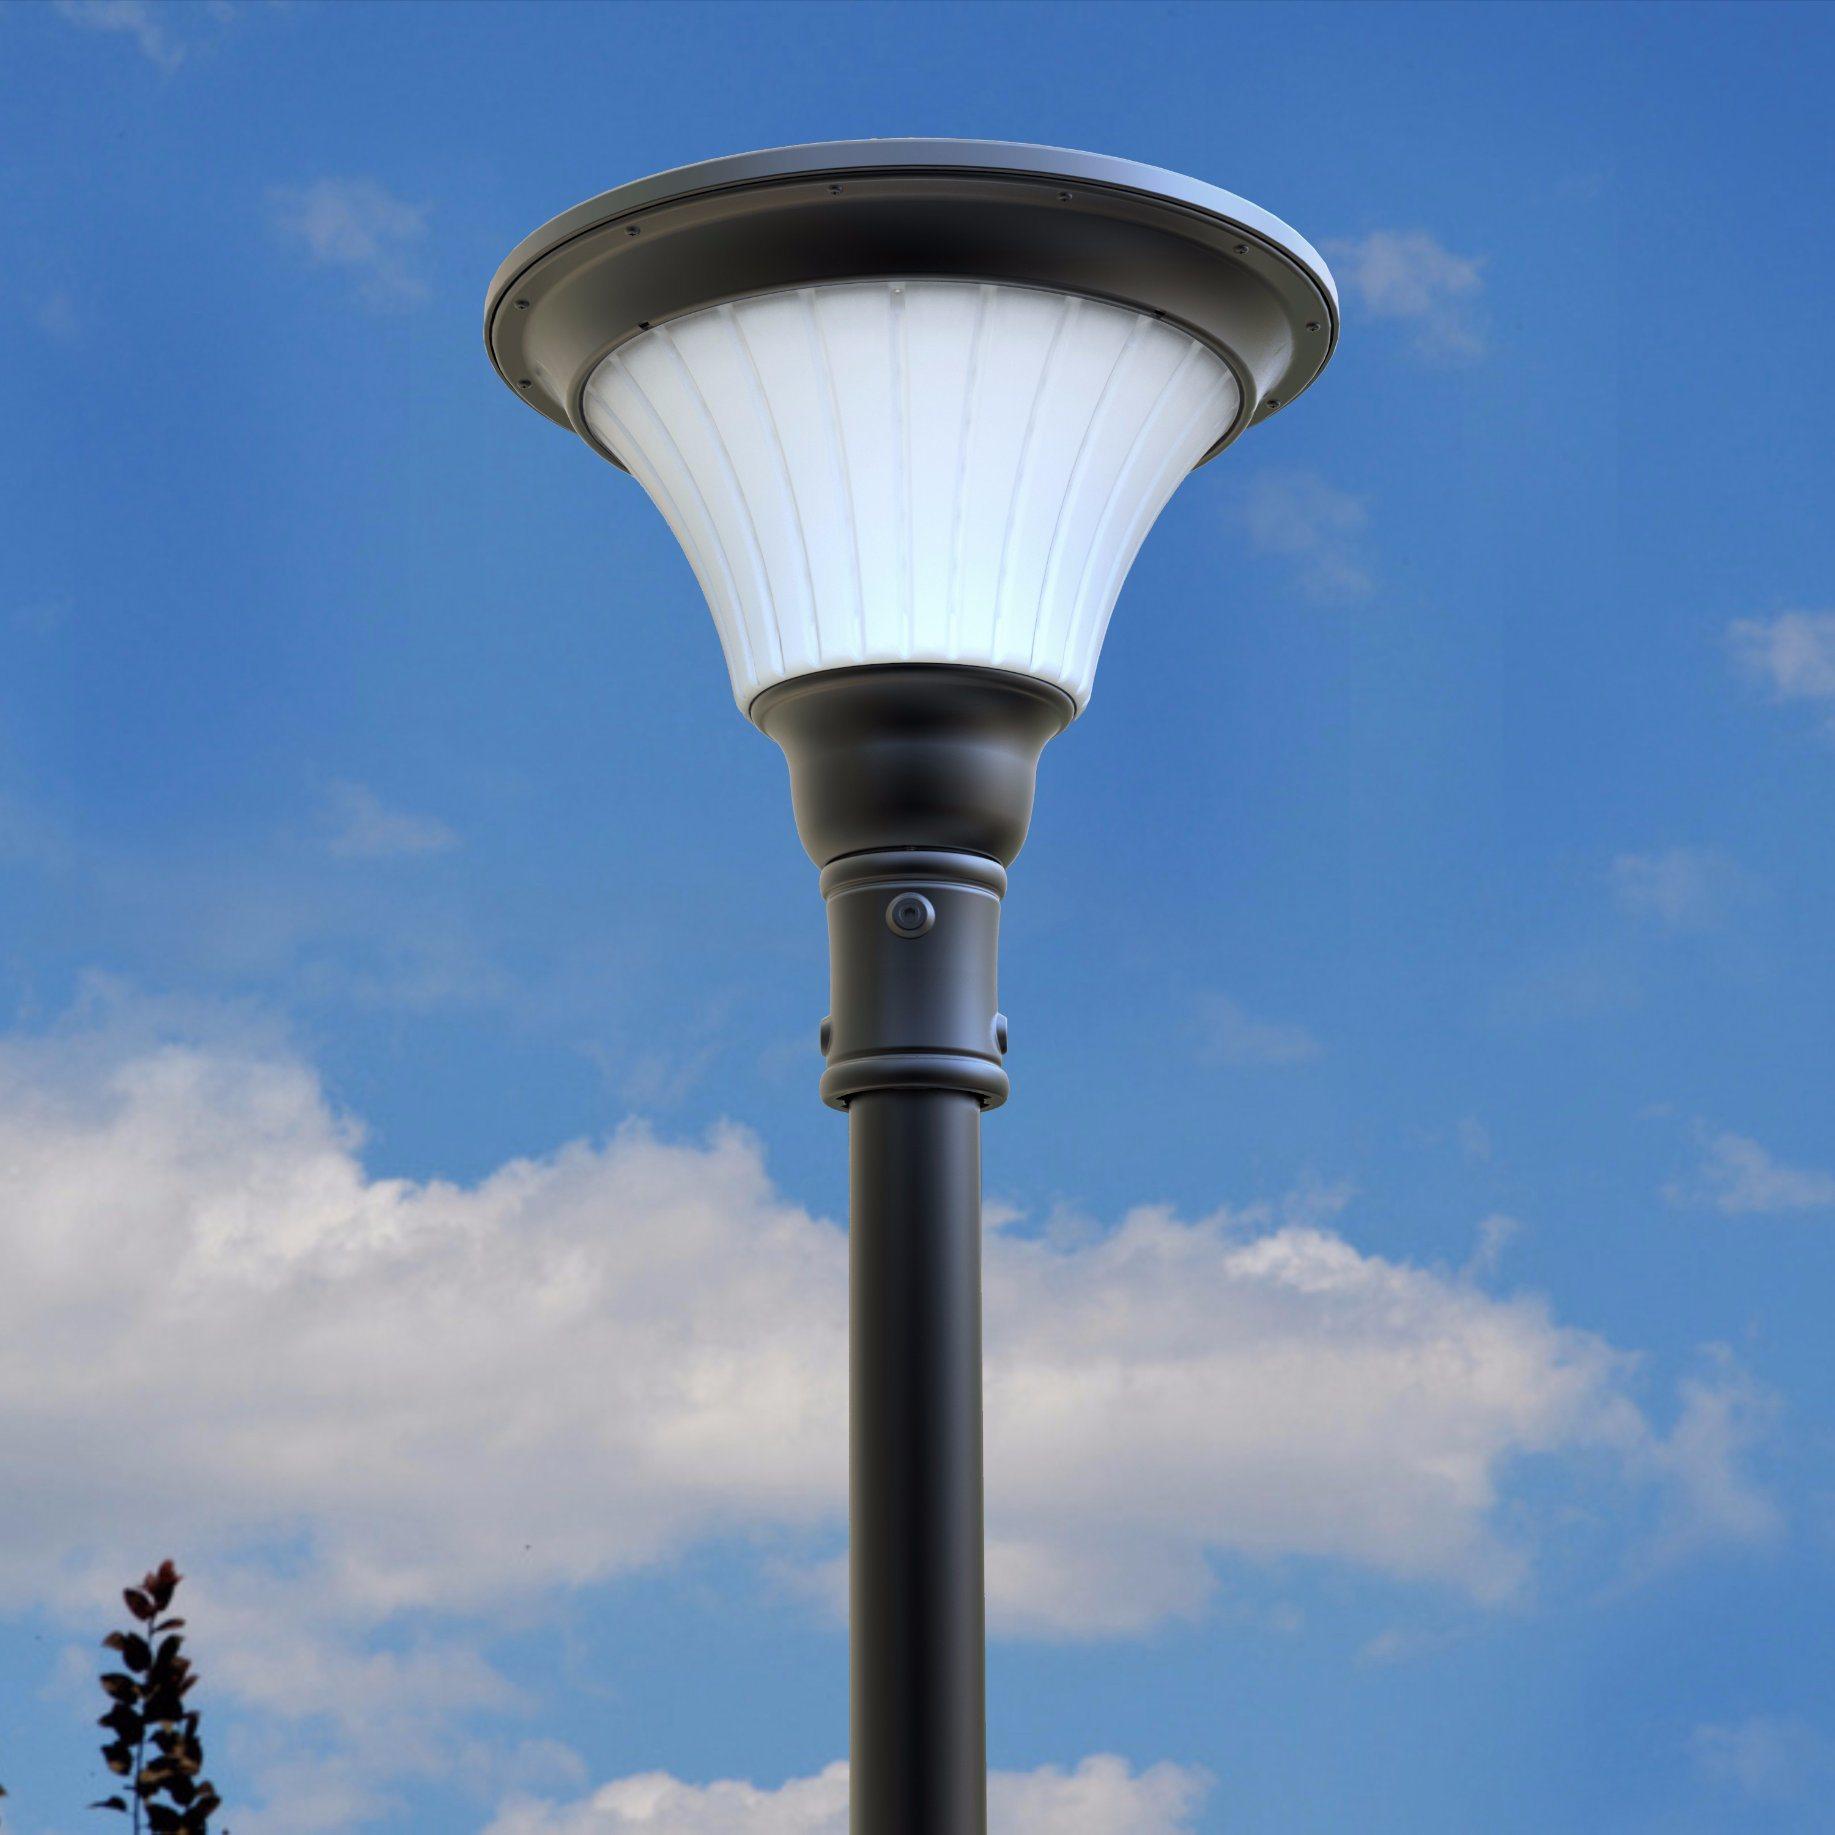 China Outdoor Recharge Battery Bright Garden Motion Sensor Light Led Lanscape Solar Lamp China Solar Light Led Light